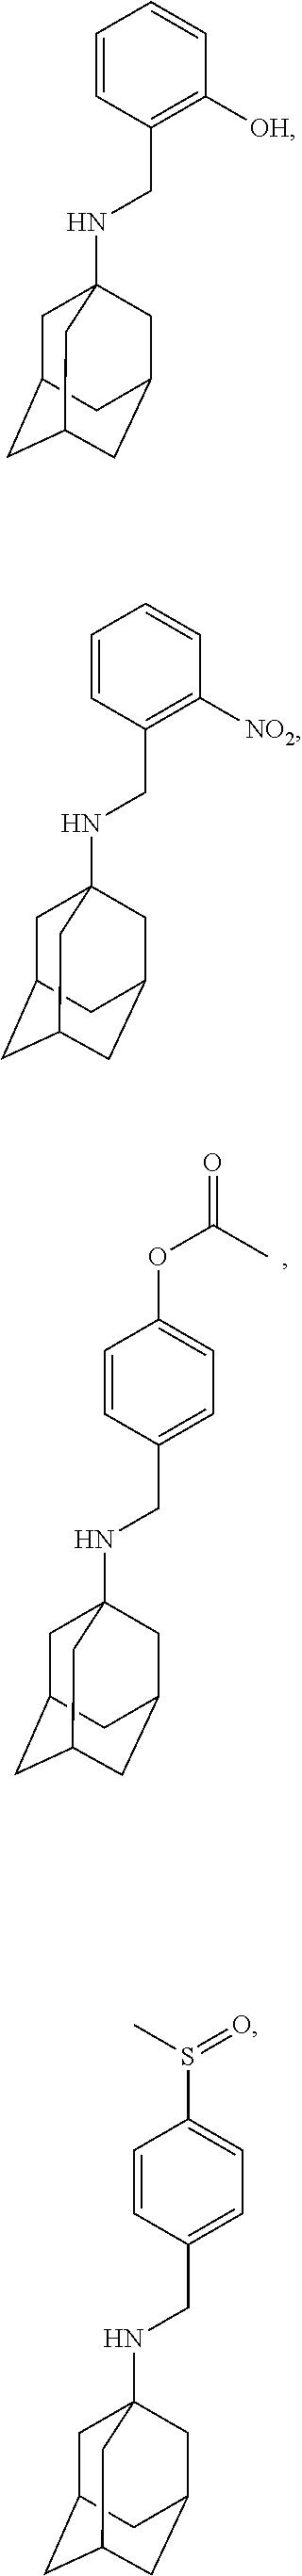 Figure US09884832-20180206-C00109